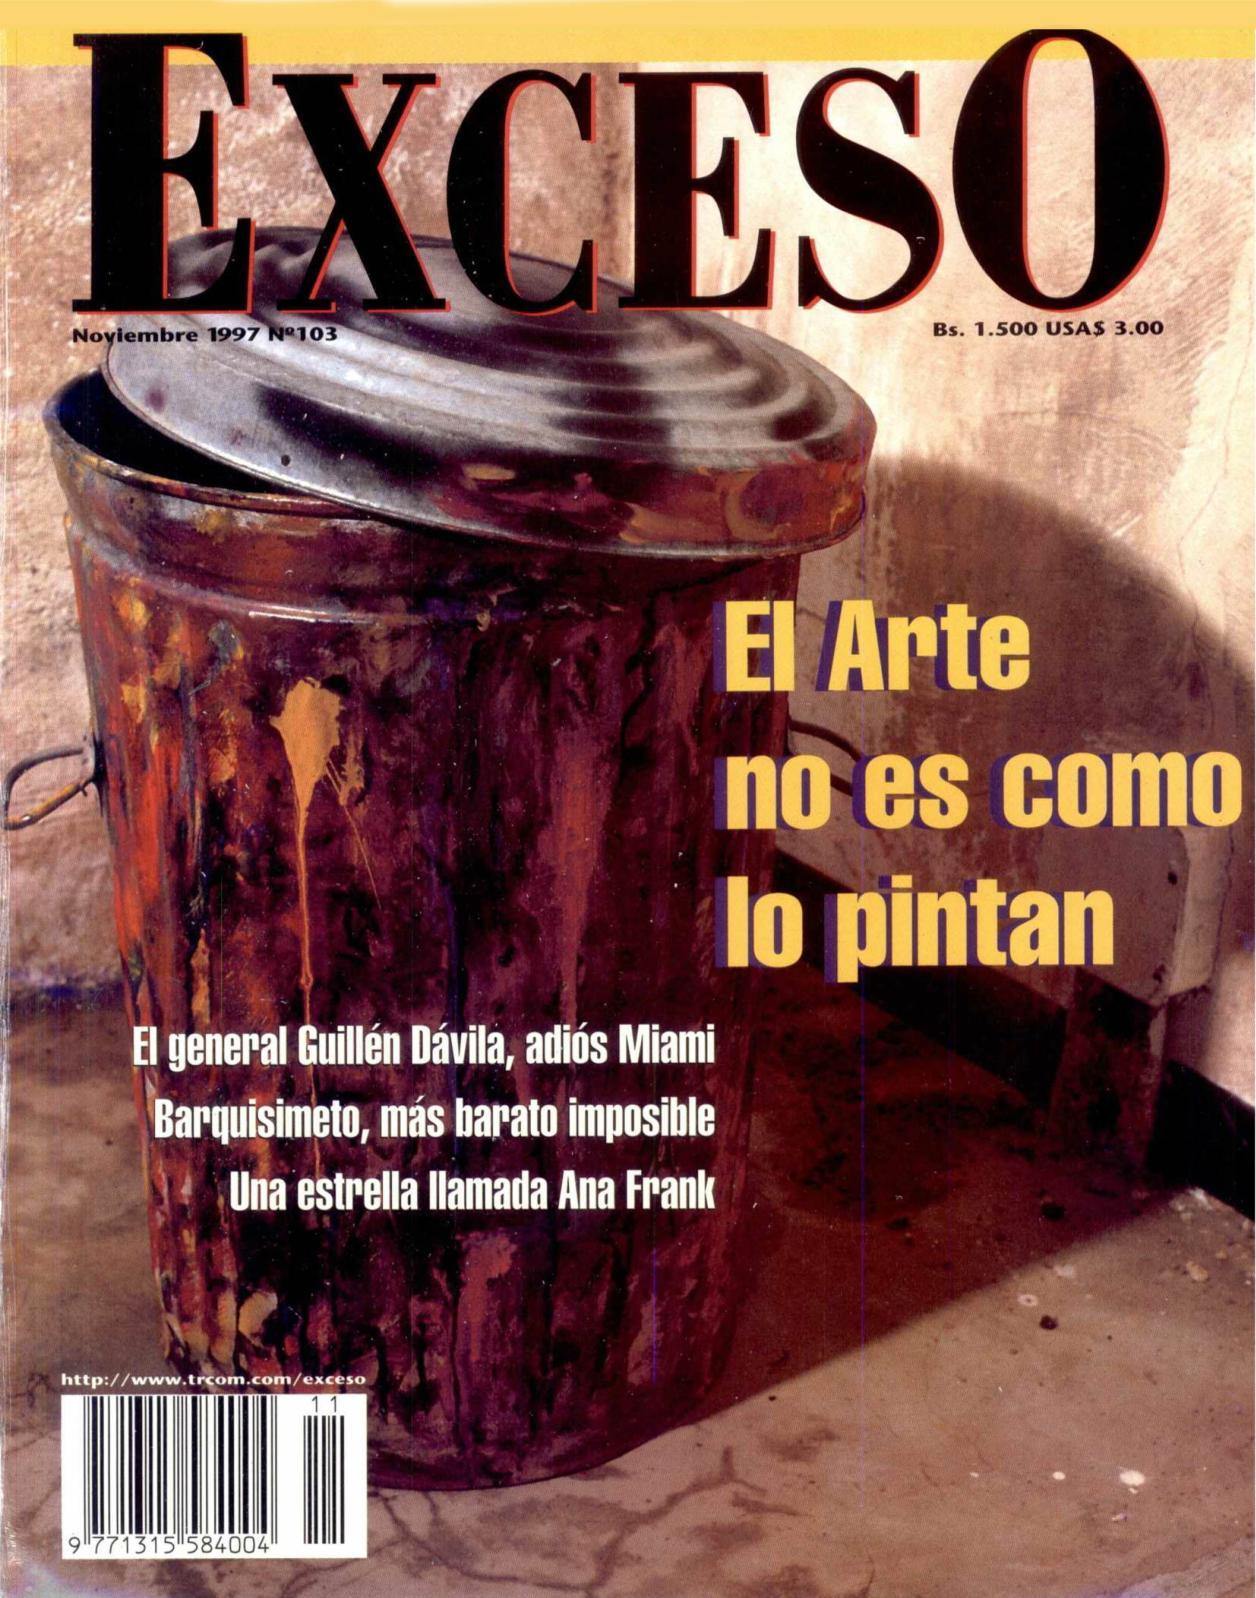 Calaméo - REVISTA EXCESO EDICIÓN Nº 103 NOVIEMBRE 1997